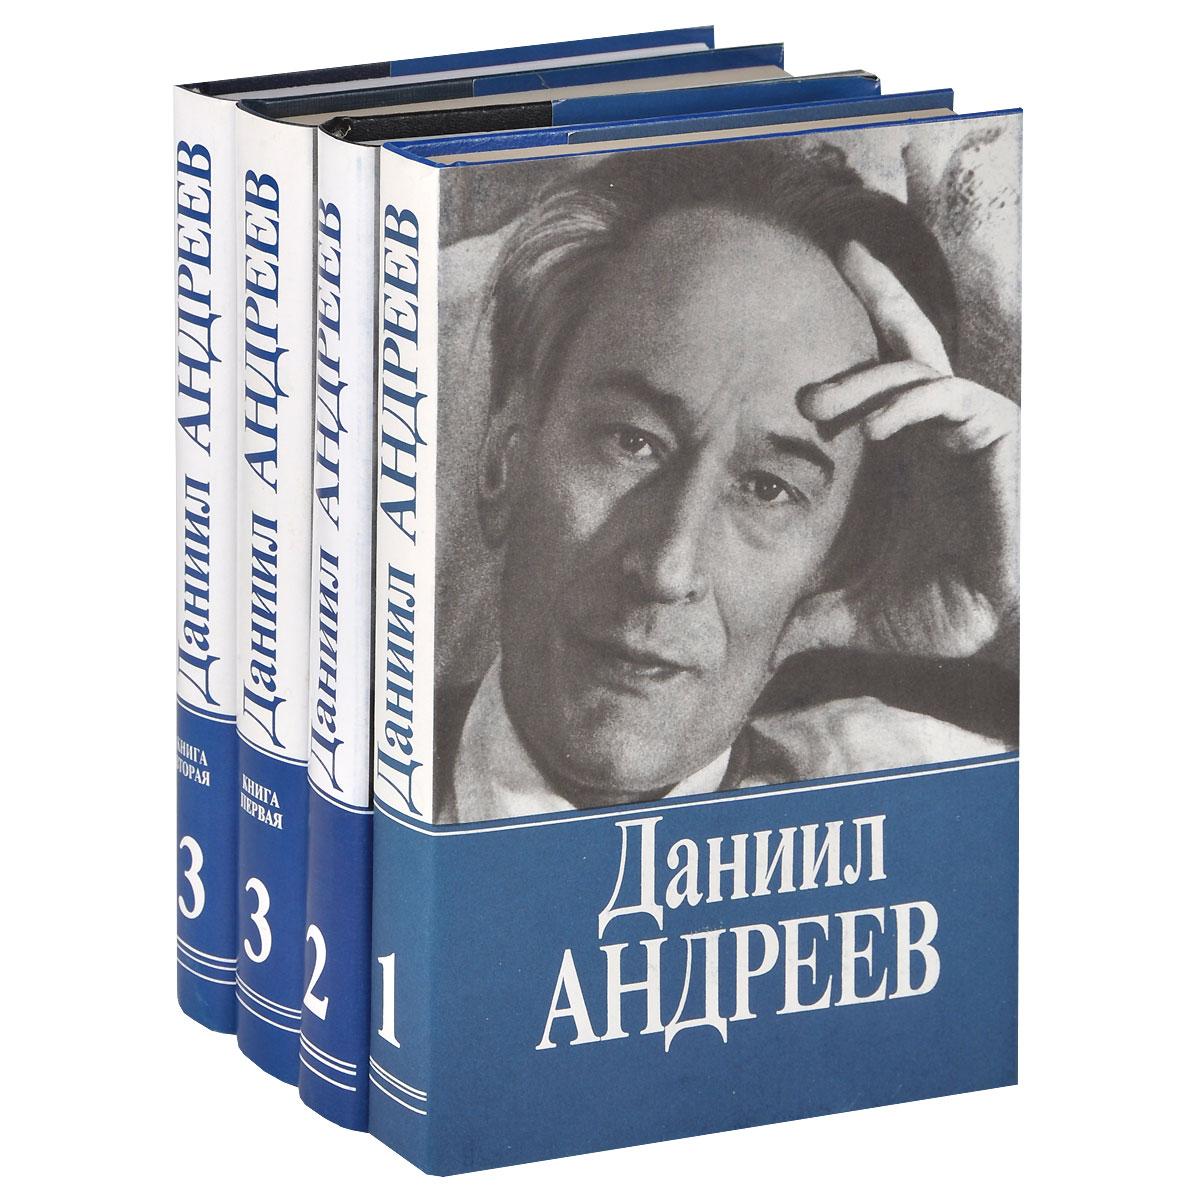 Даниил Андреев Даниил Андреев. Собрание сочинений в 3 томах (комплект из 4 книг)